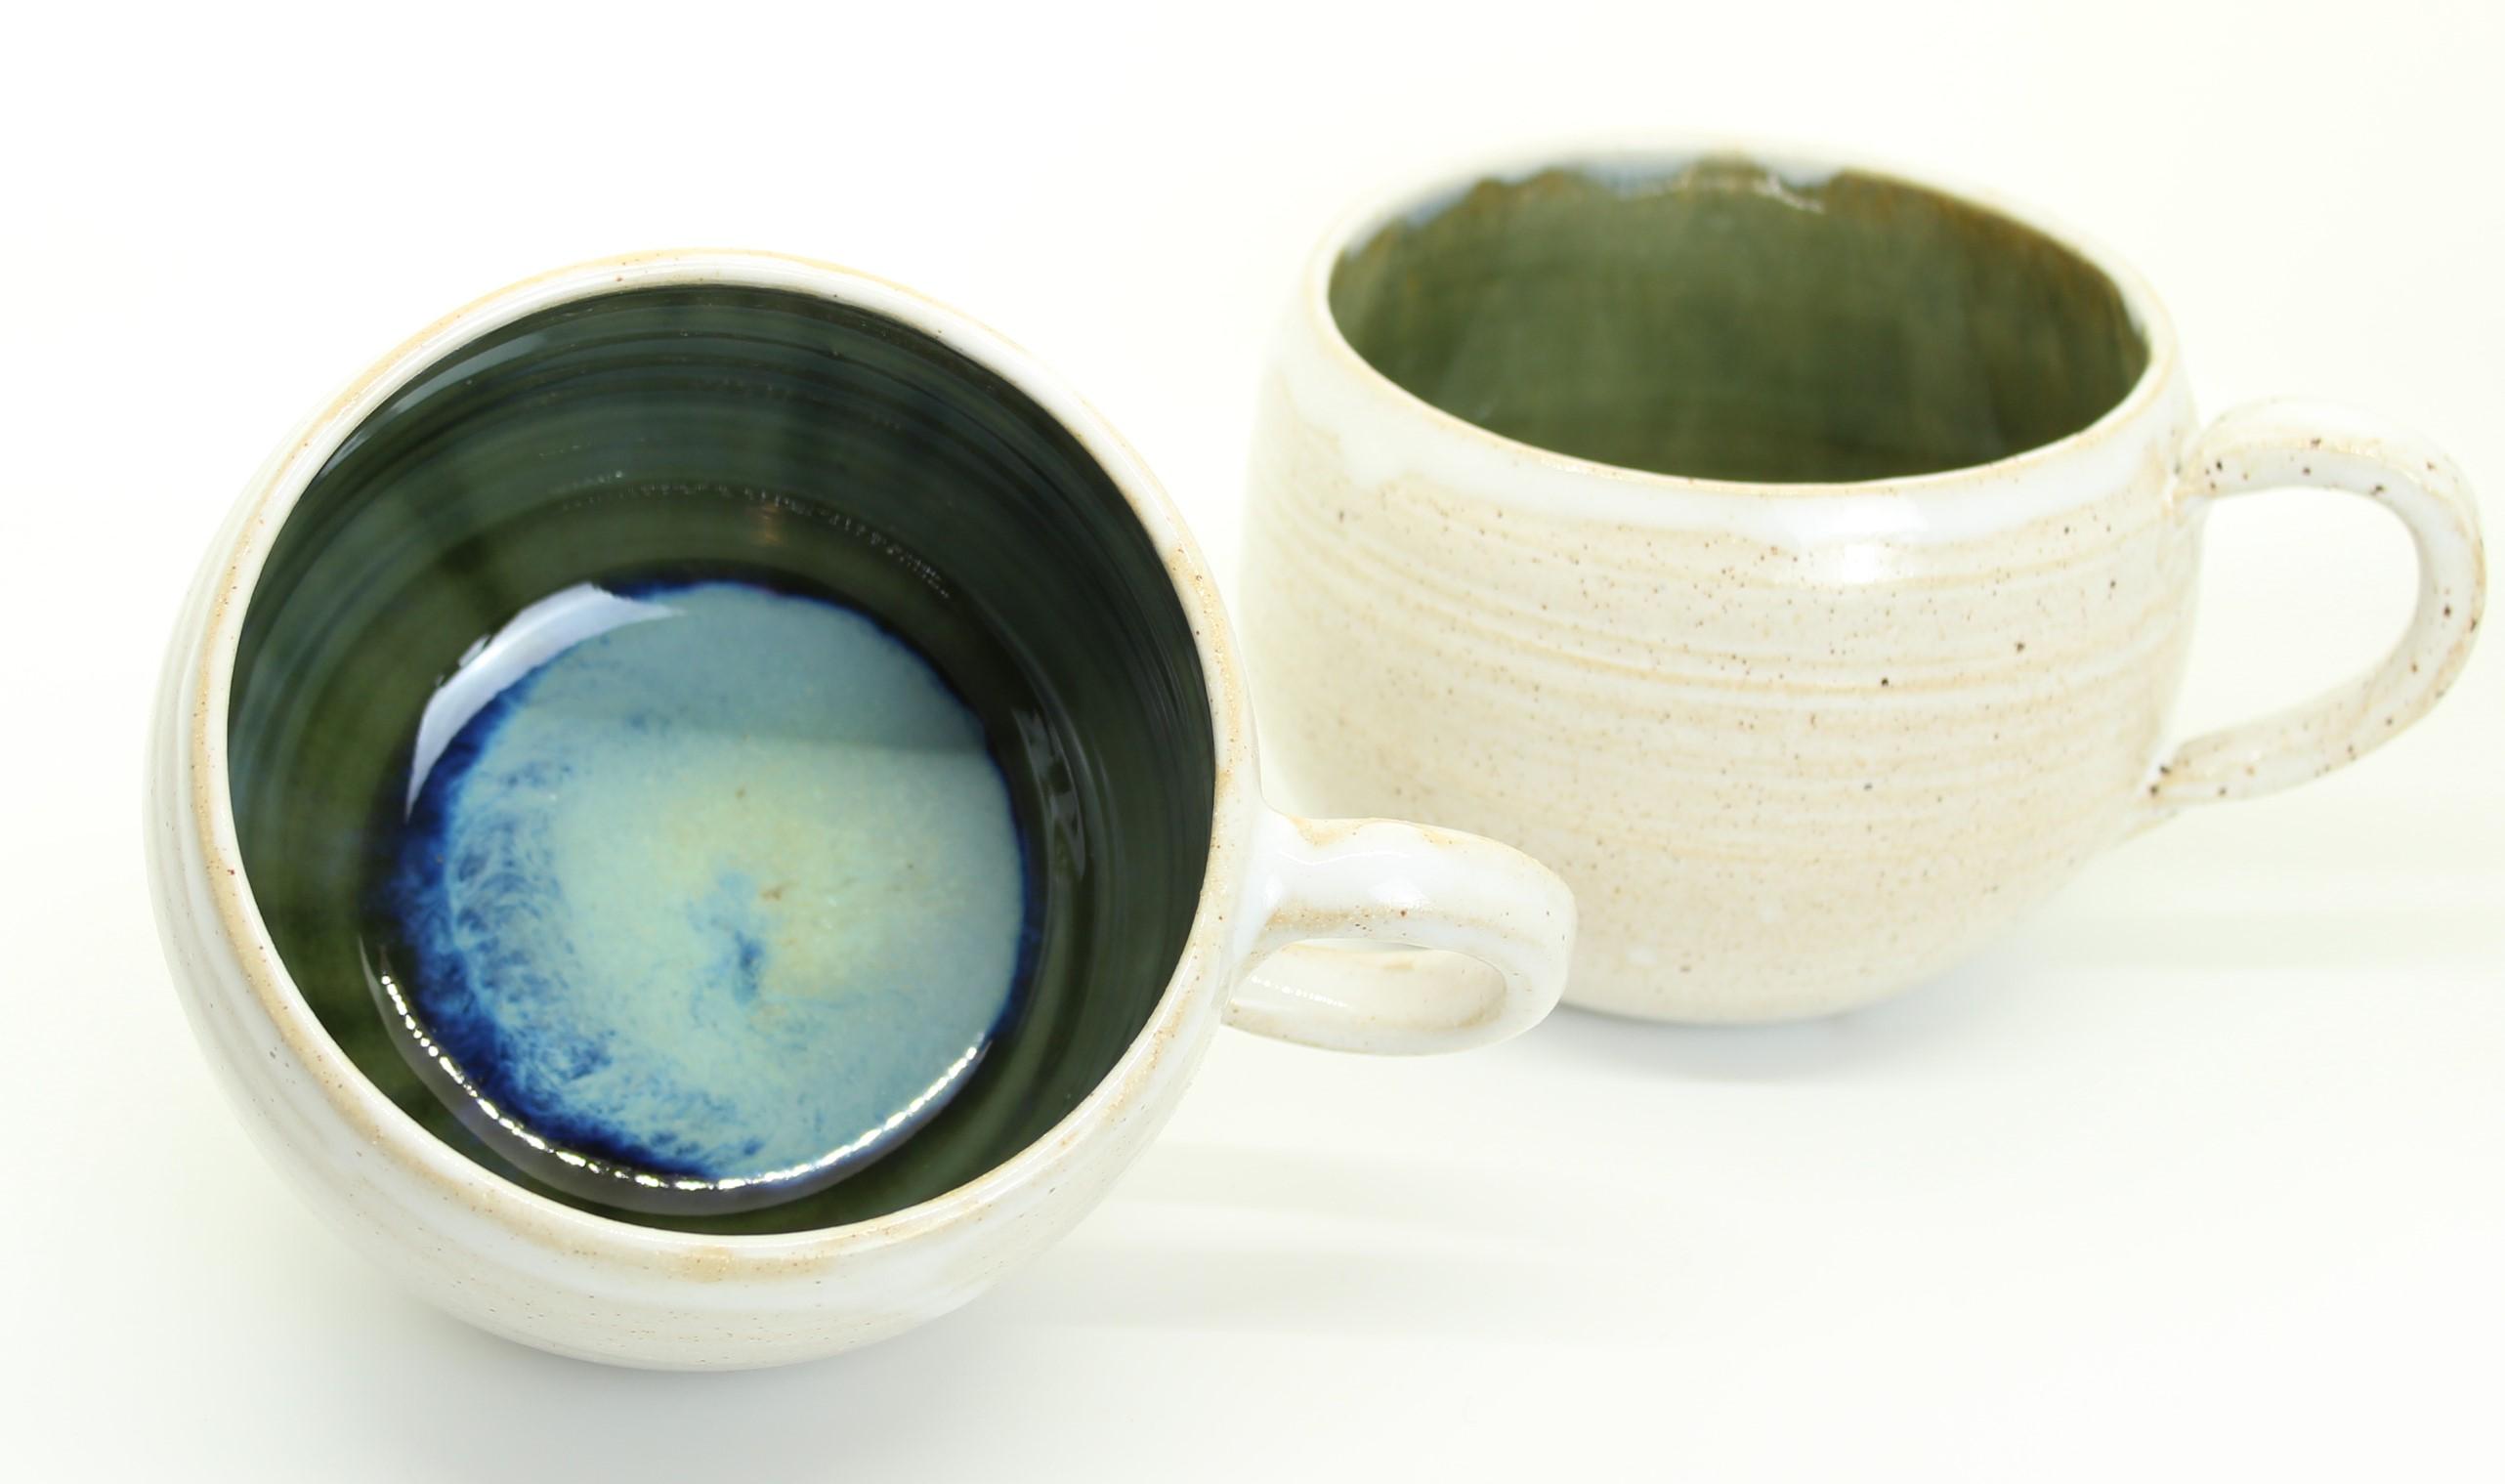 runde Tasse - weiß - grün-blau